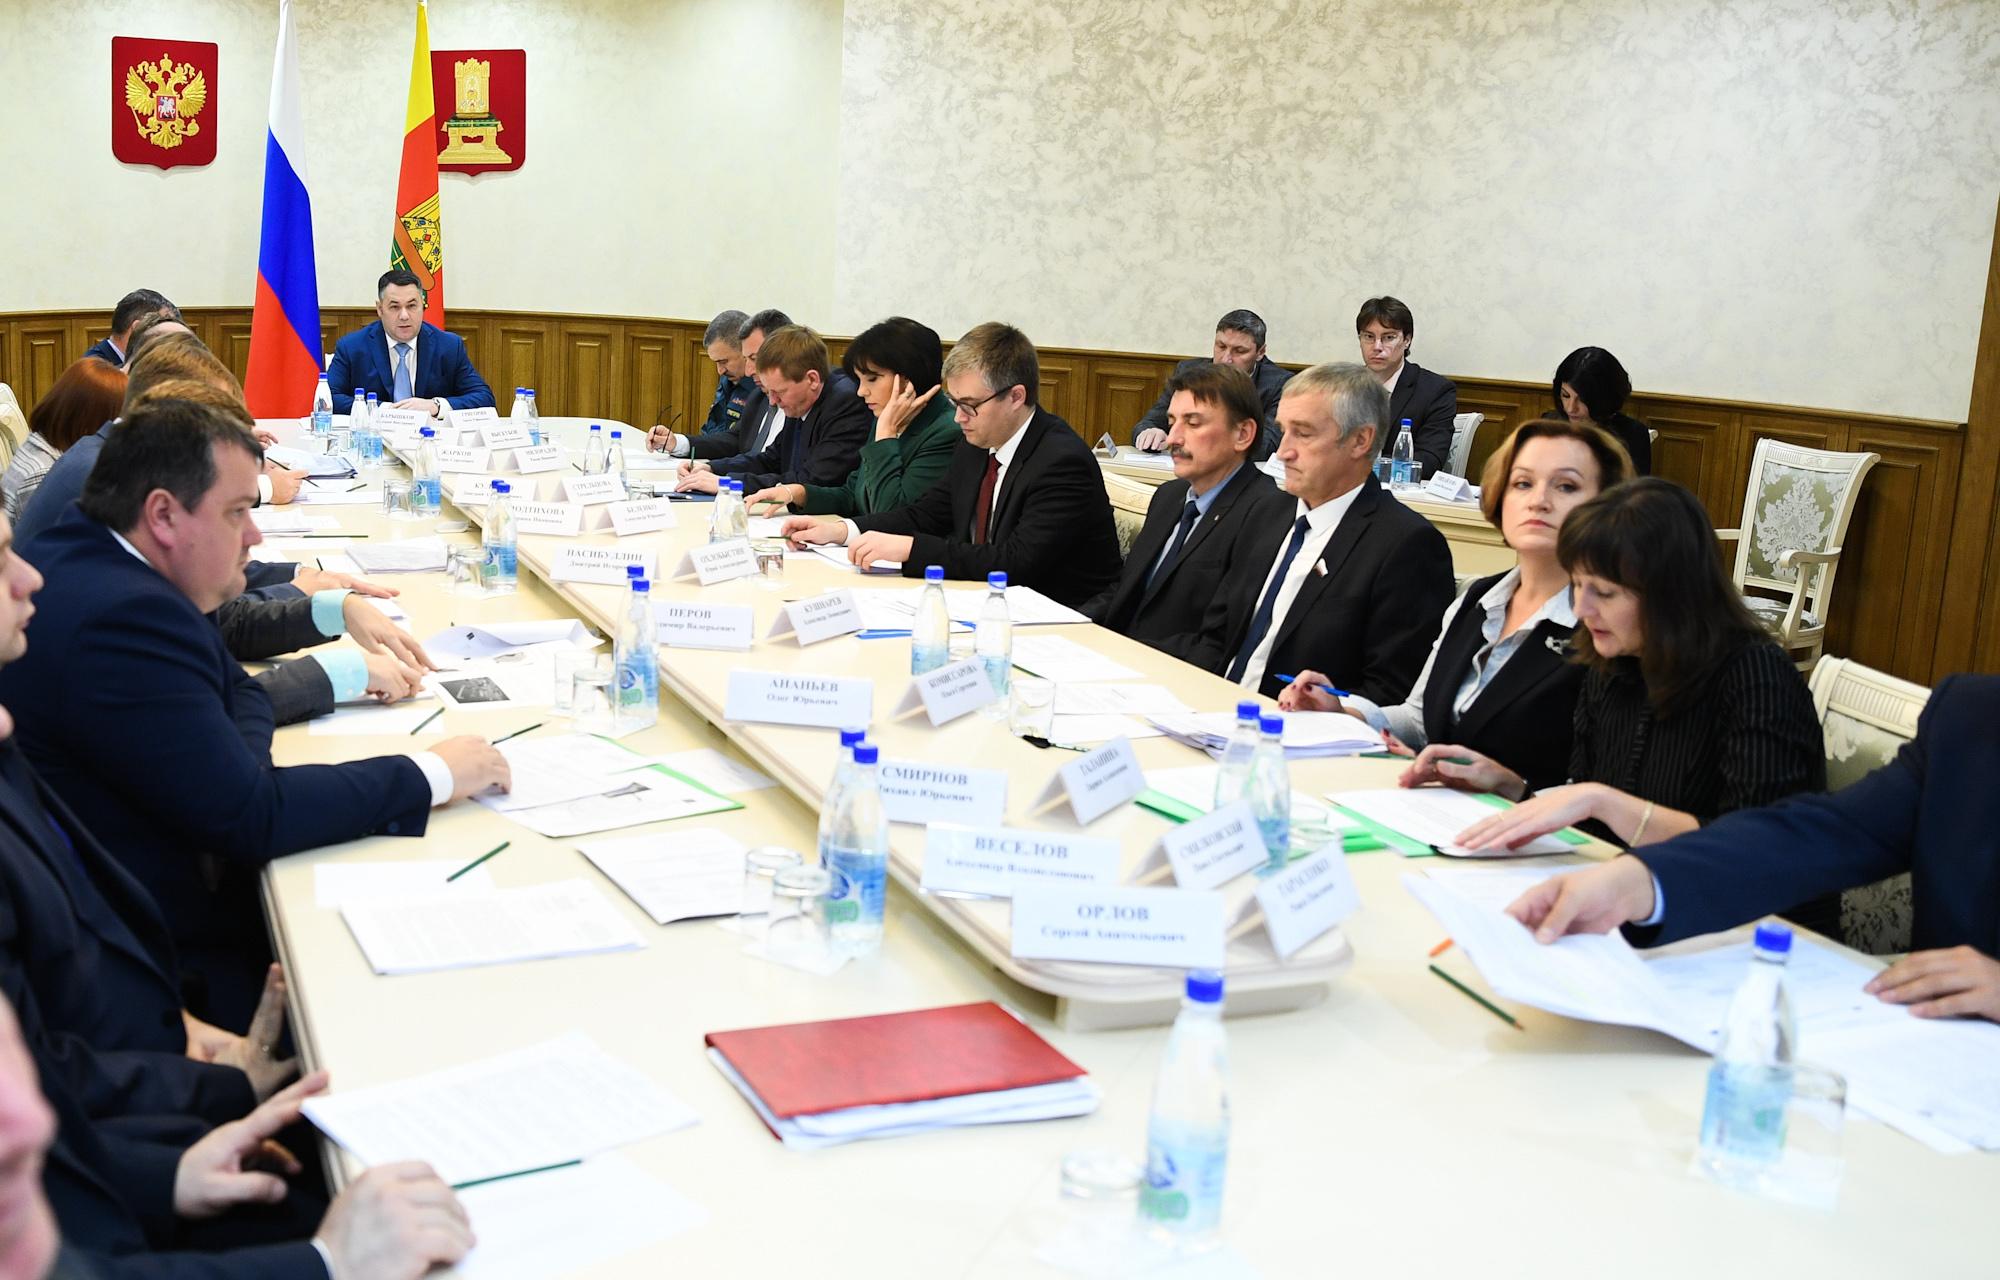 На заседании Правительства Тверской области обсудят проекты развития общественных и деловых пространств Верхневолжья